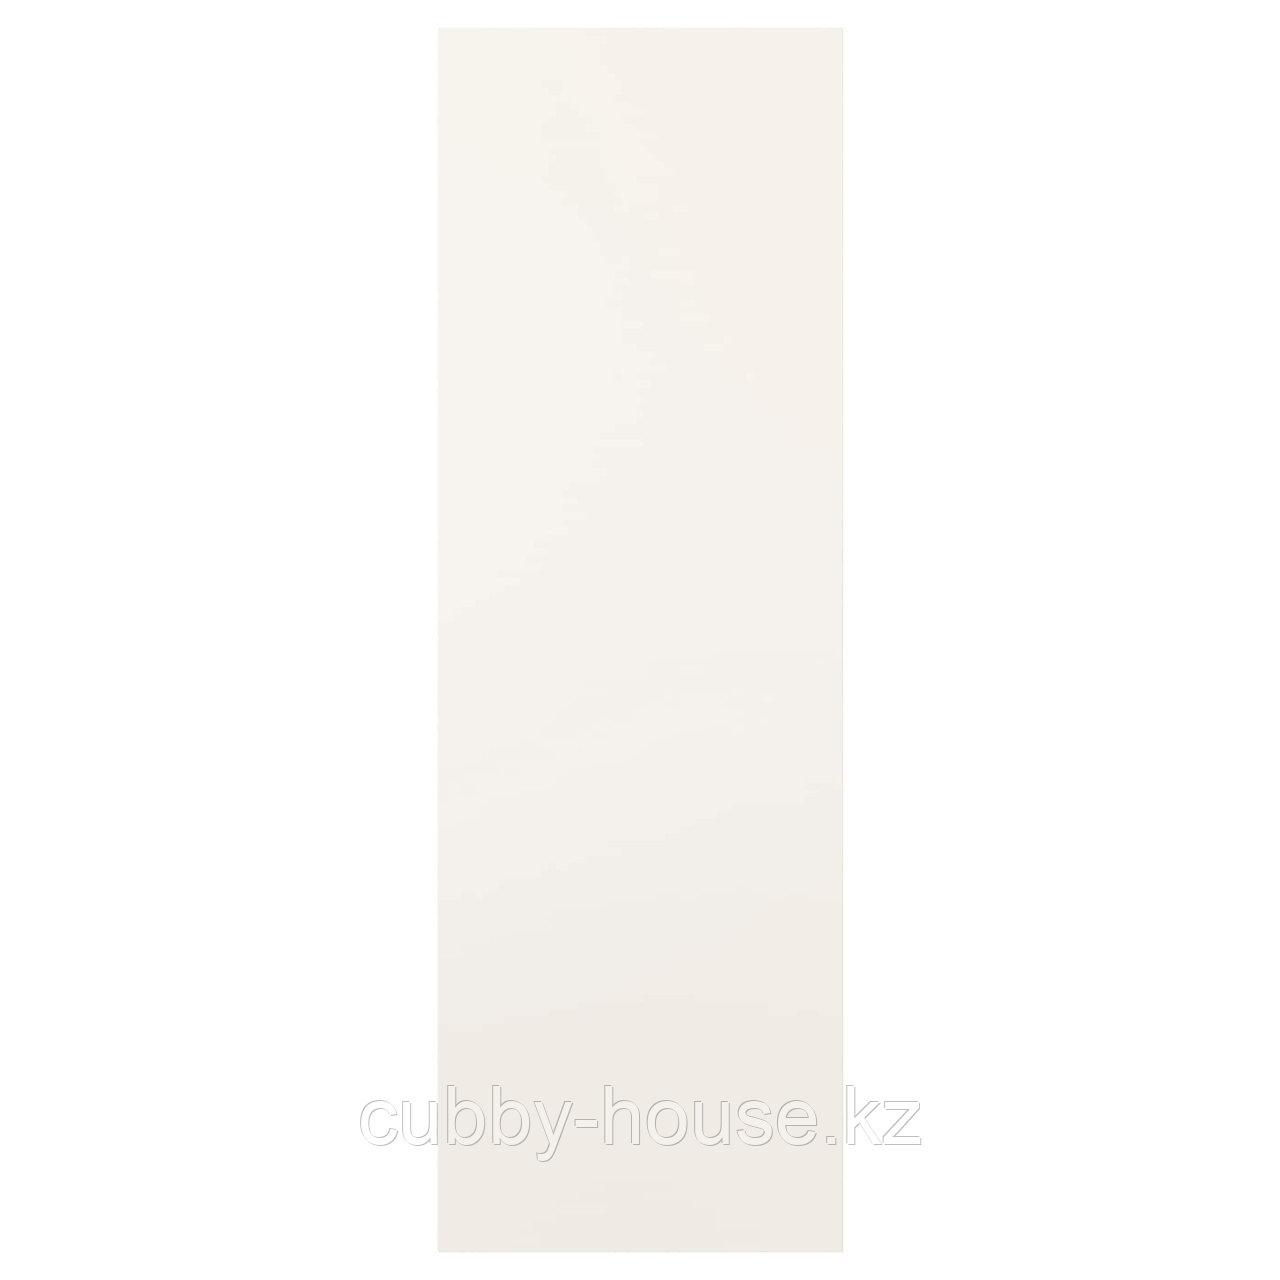 ФОННЕС Дверца с петлями, белый, 40x60 см